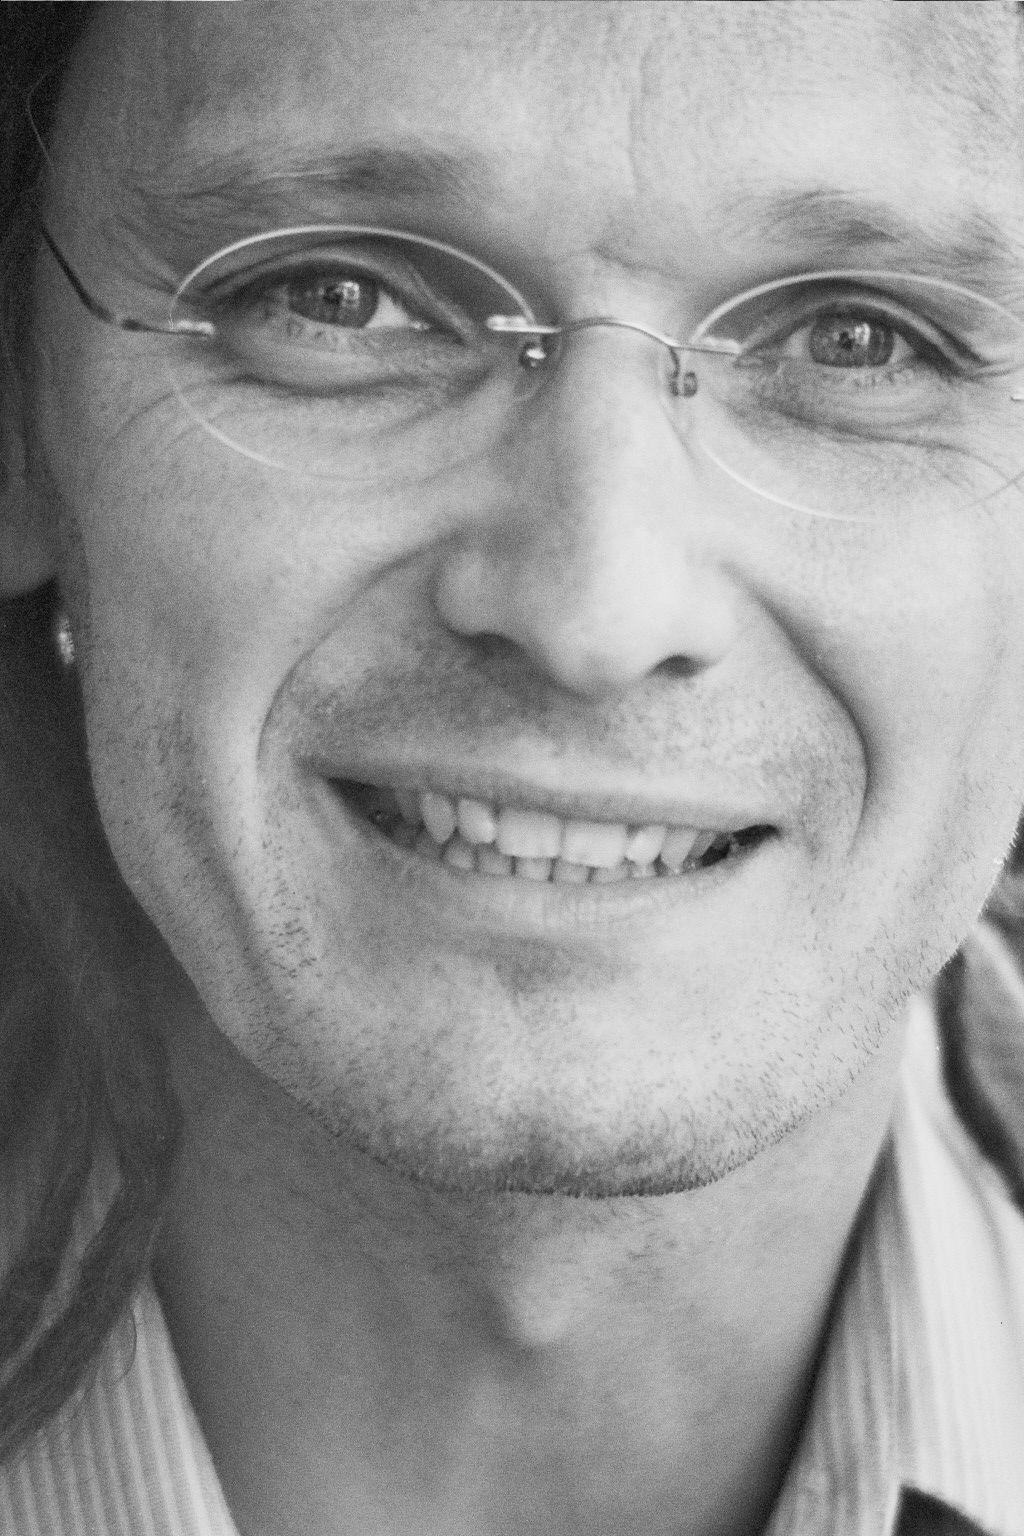 Stefan Holtel